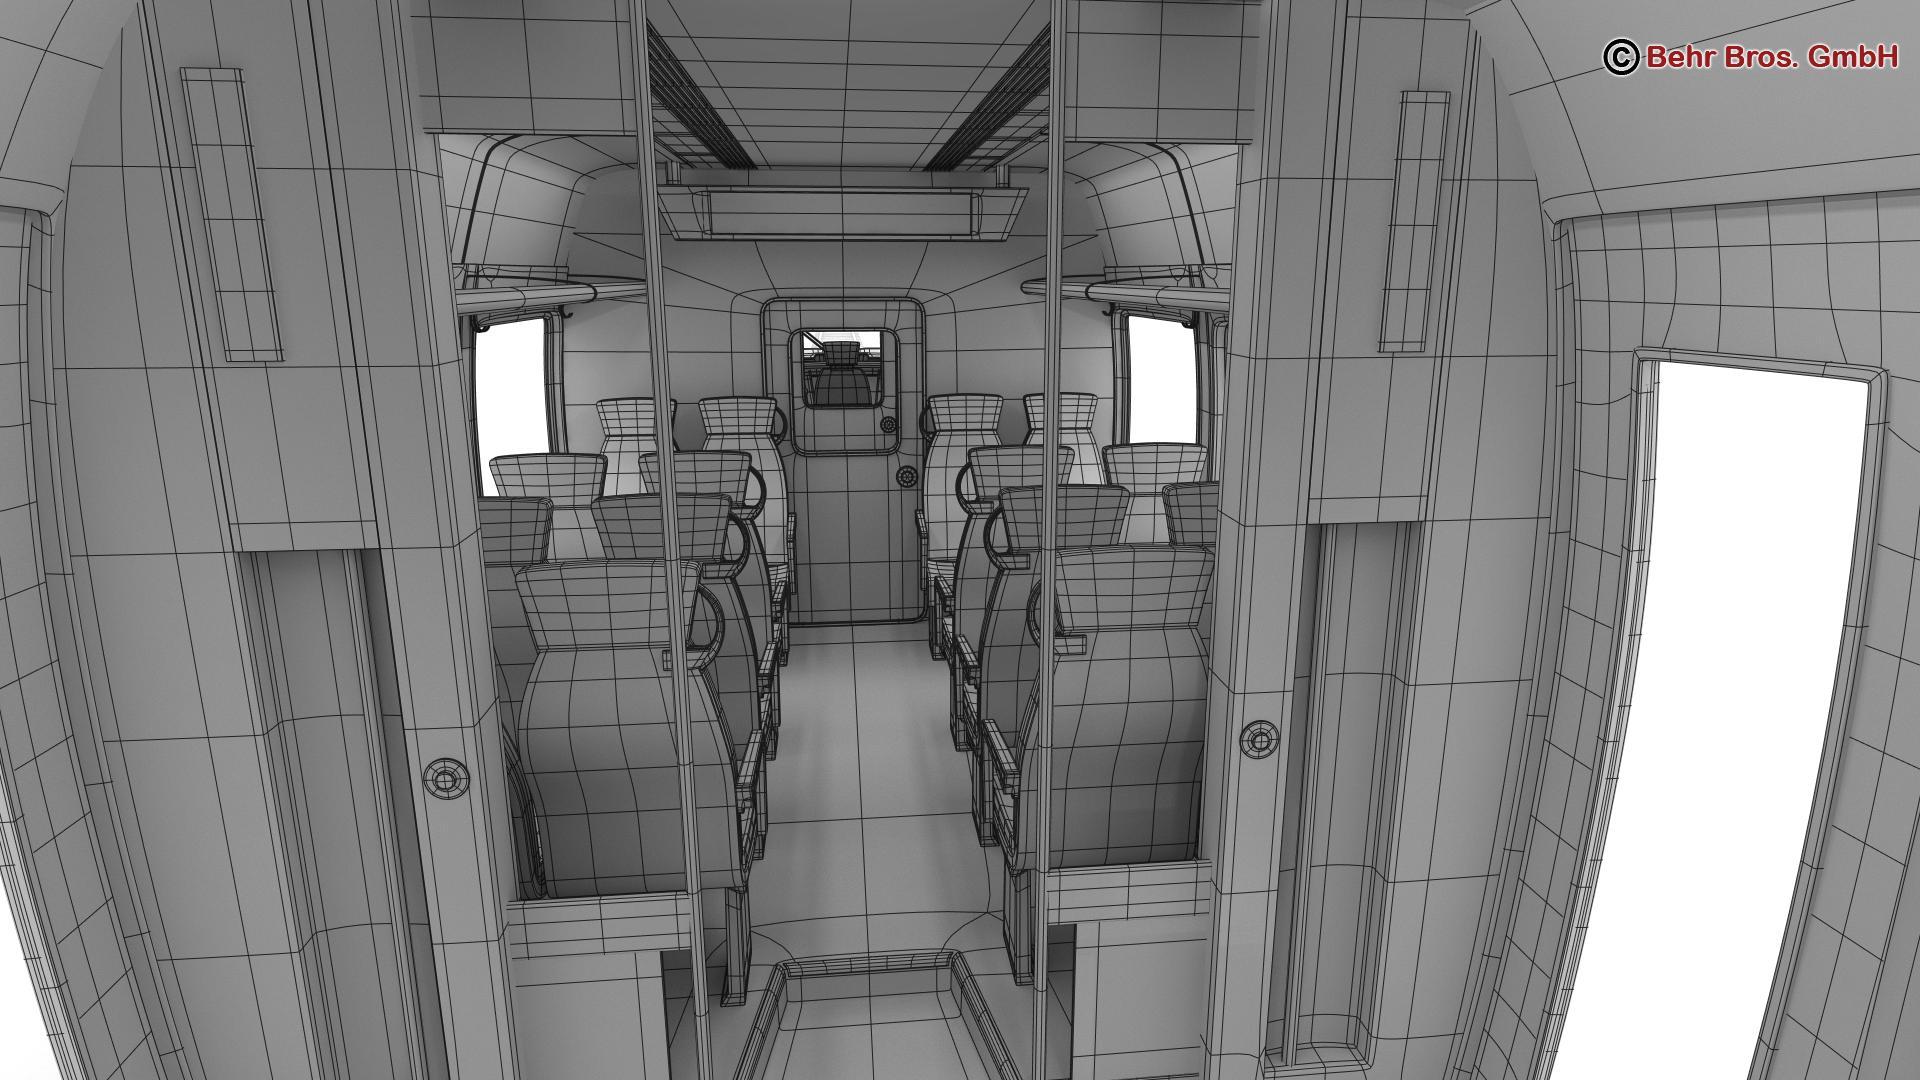 generic commuter train 3d model 3ds max fbx c4d ma mb obj 206652